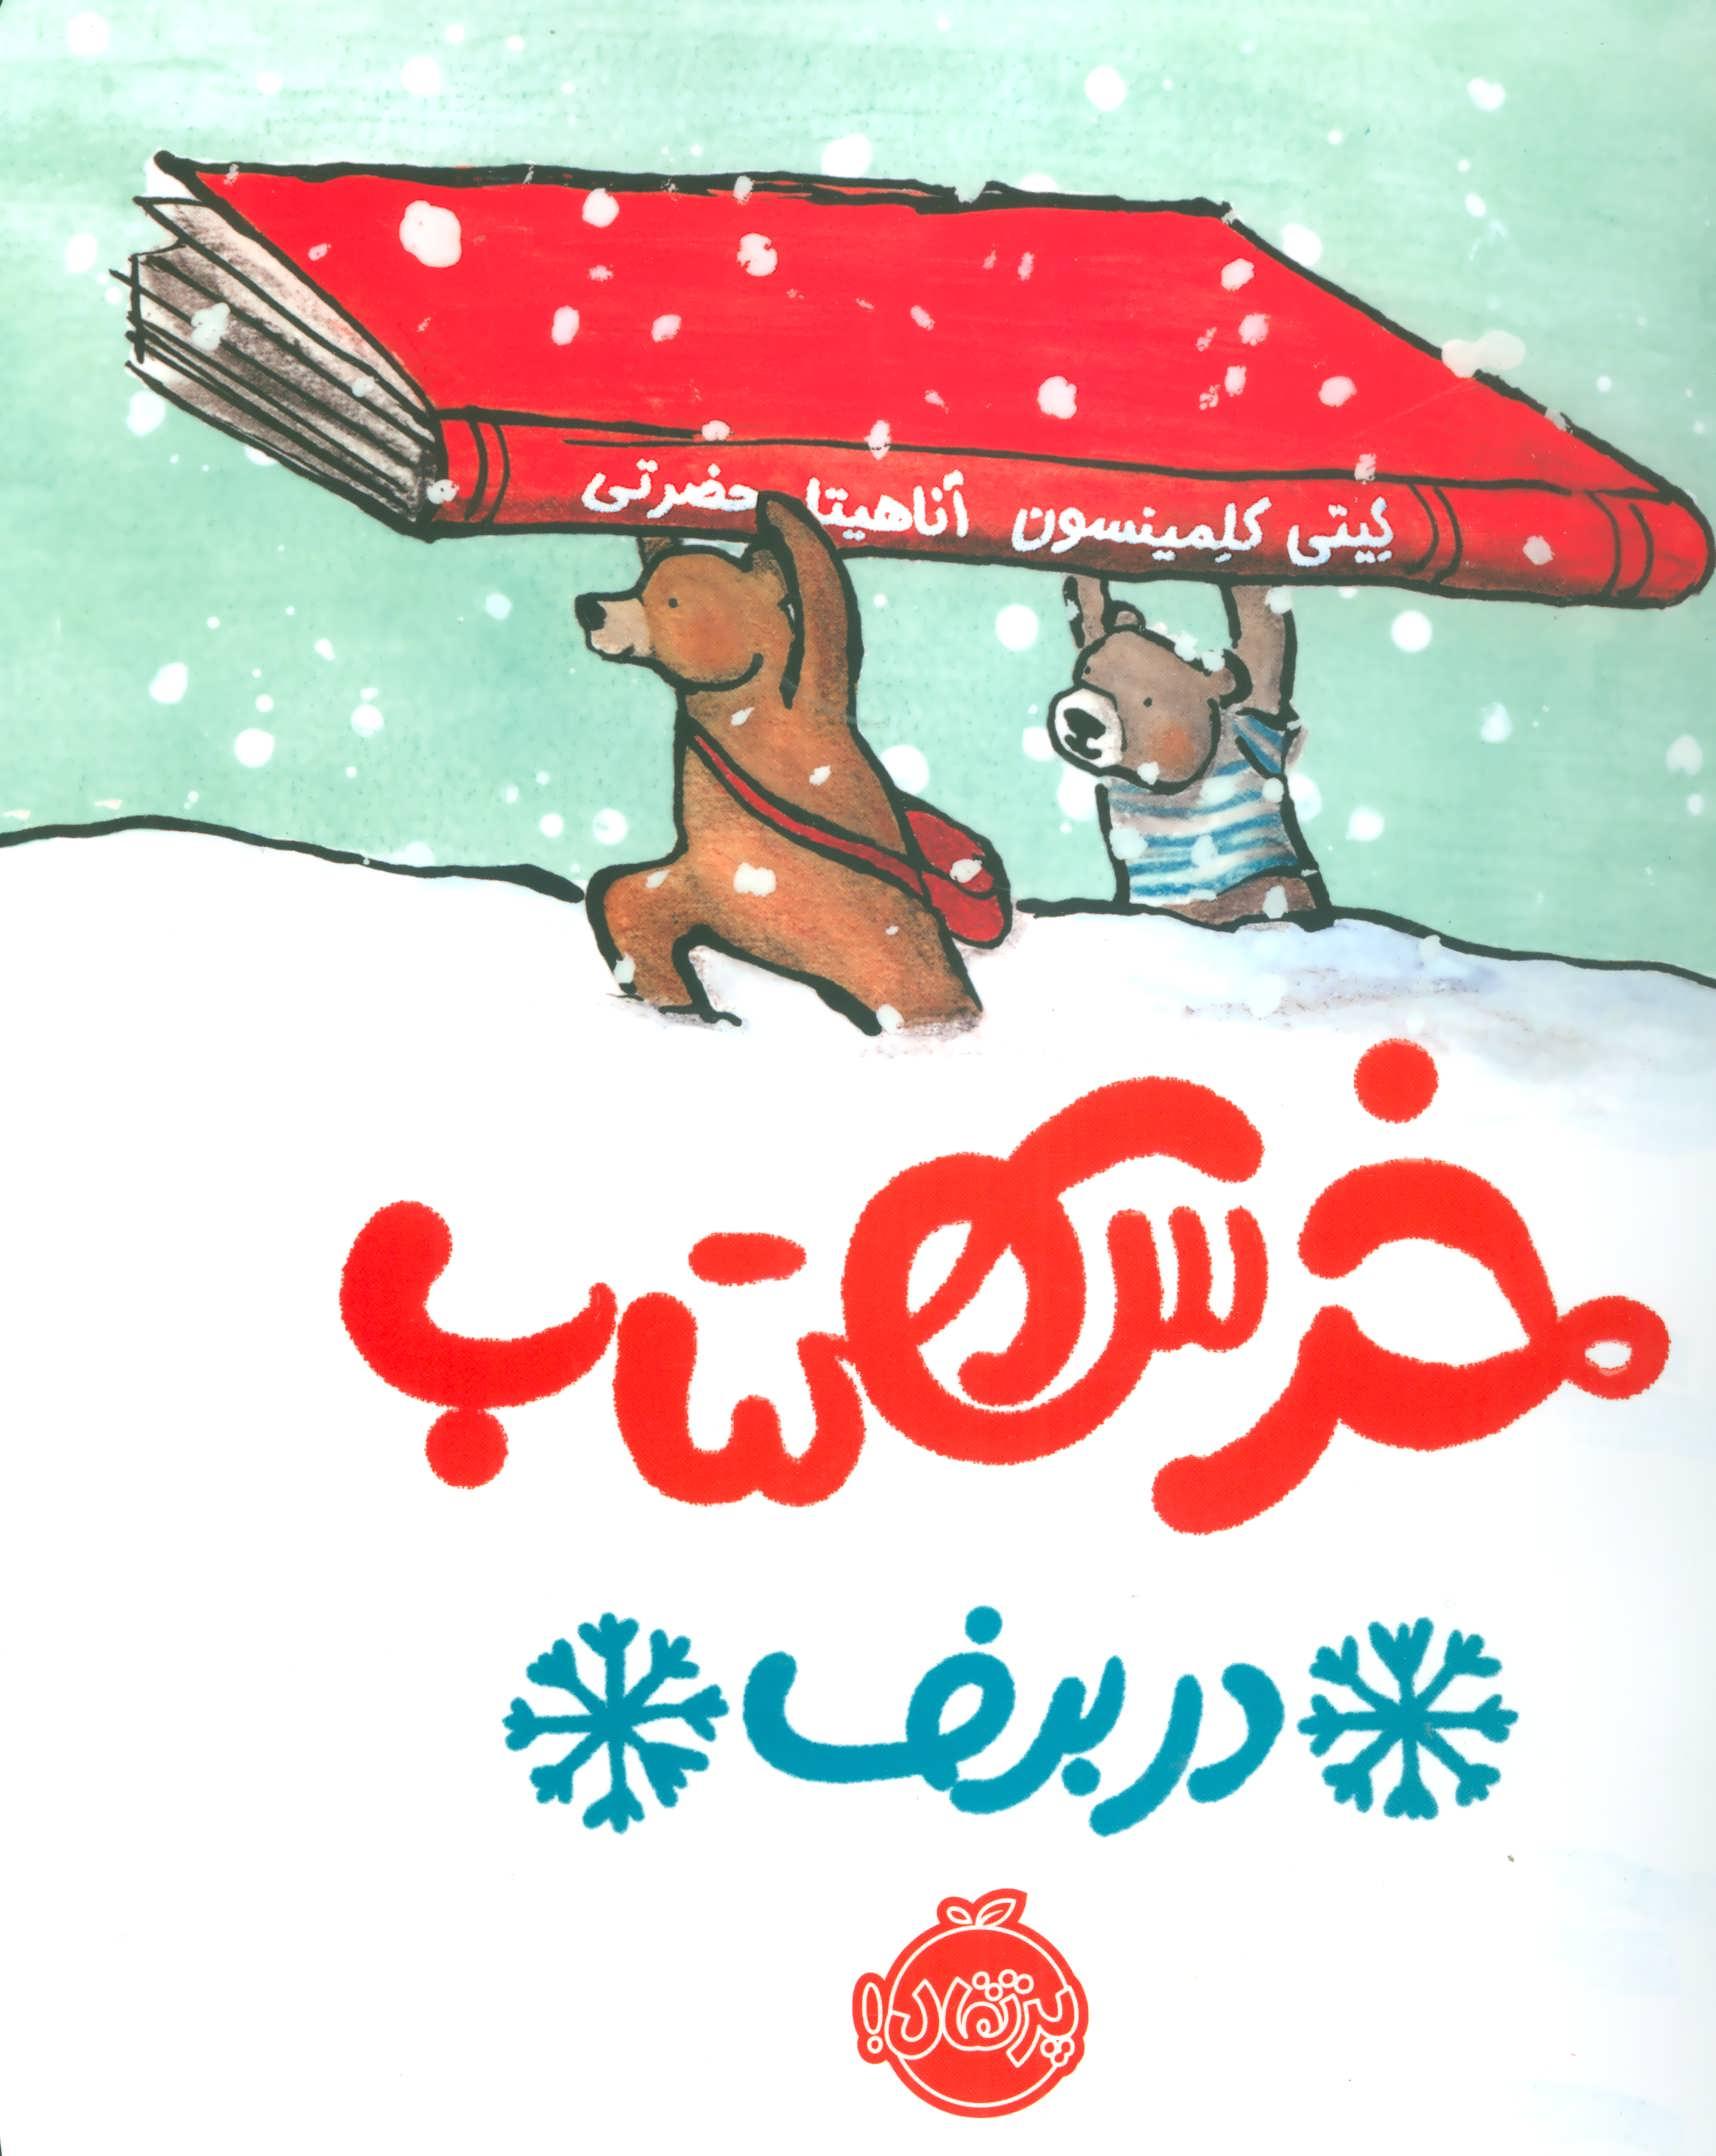 خرس کتاب در برف (گلاسه)